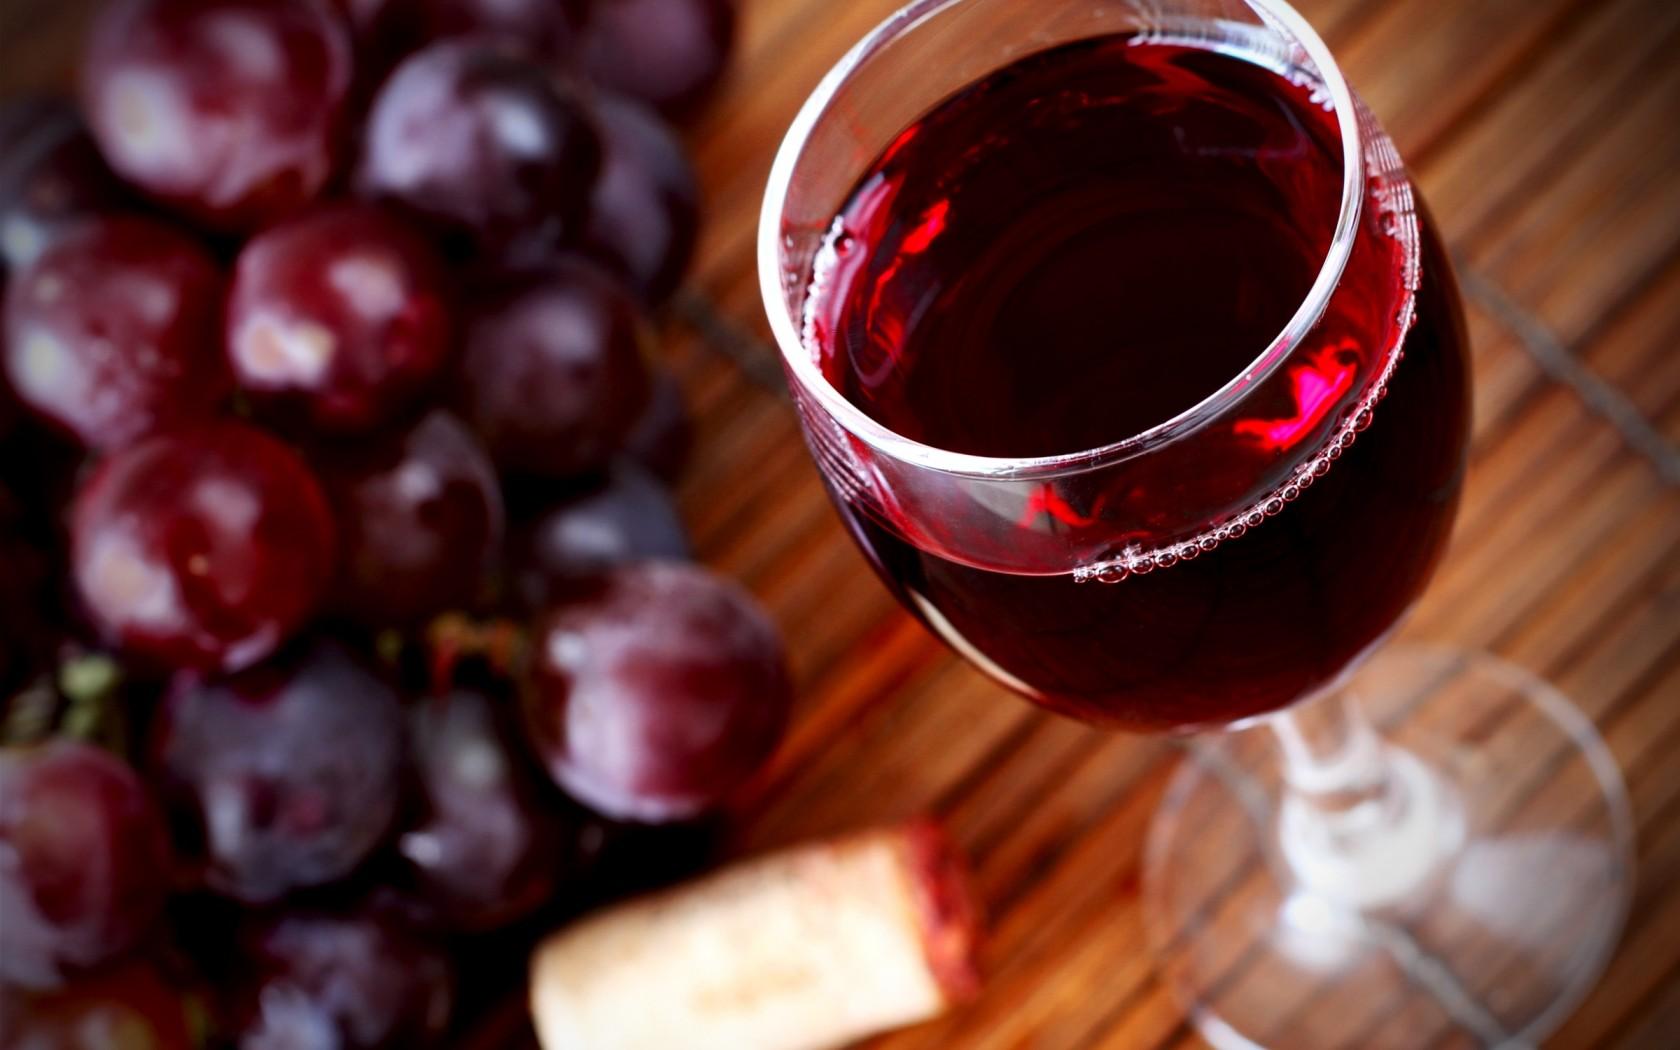 Импортеры вин начали увеличивать цены из-за указа министра финансов